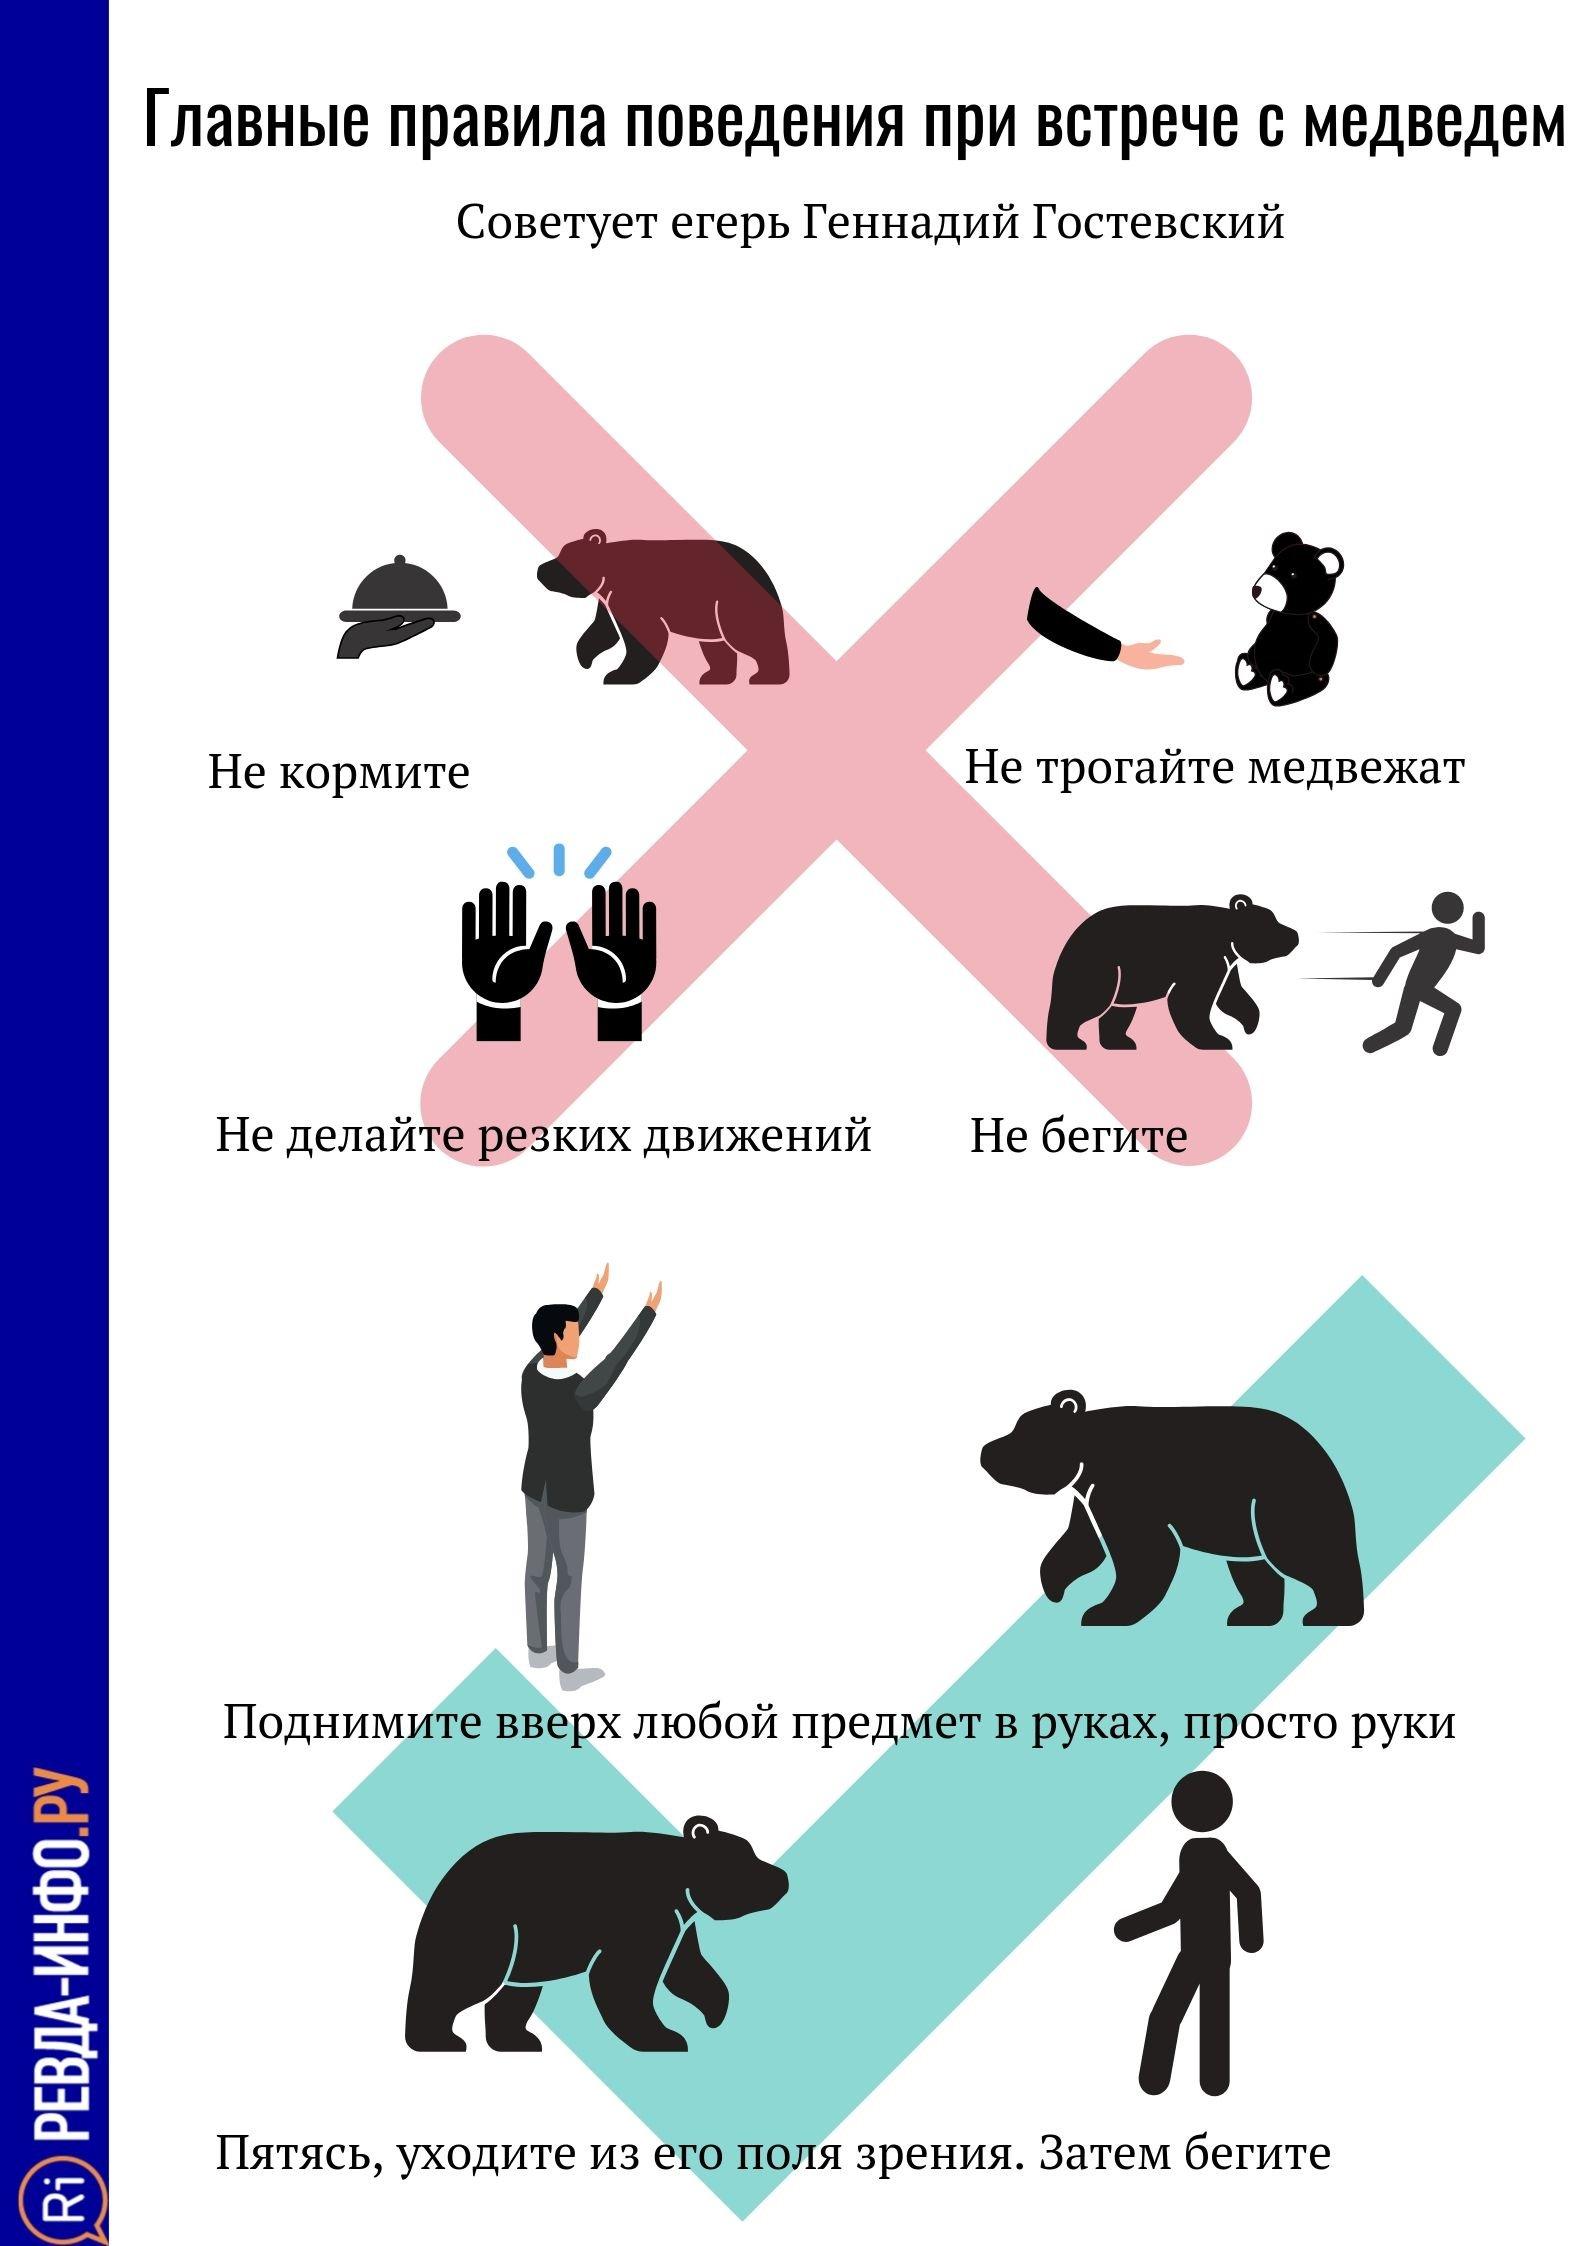 Glavnye-pravila-povedeniya-pri-vstreche-s-medvedem-1